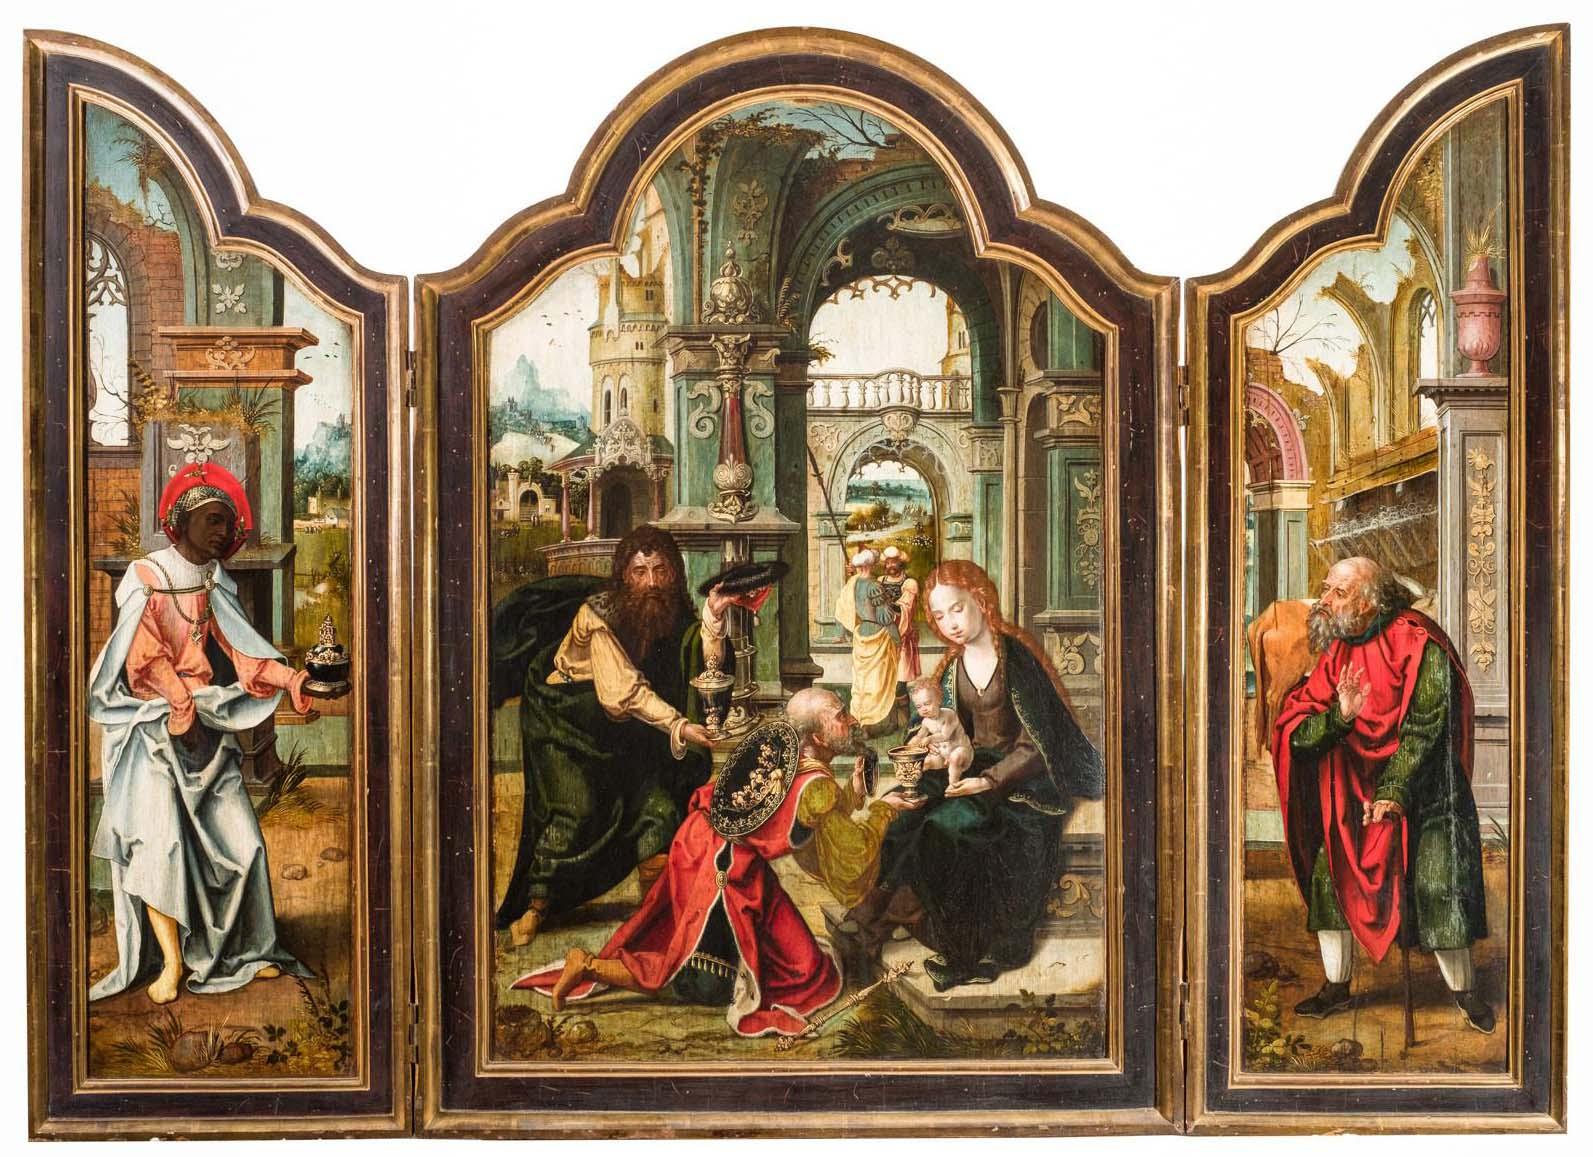 Taller de Pieter Coecke van Aelst, Adoración de los Reyes Magos. Salida: 75.000 euros. Remate: 160.000 euros